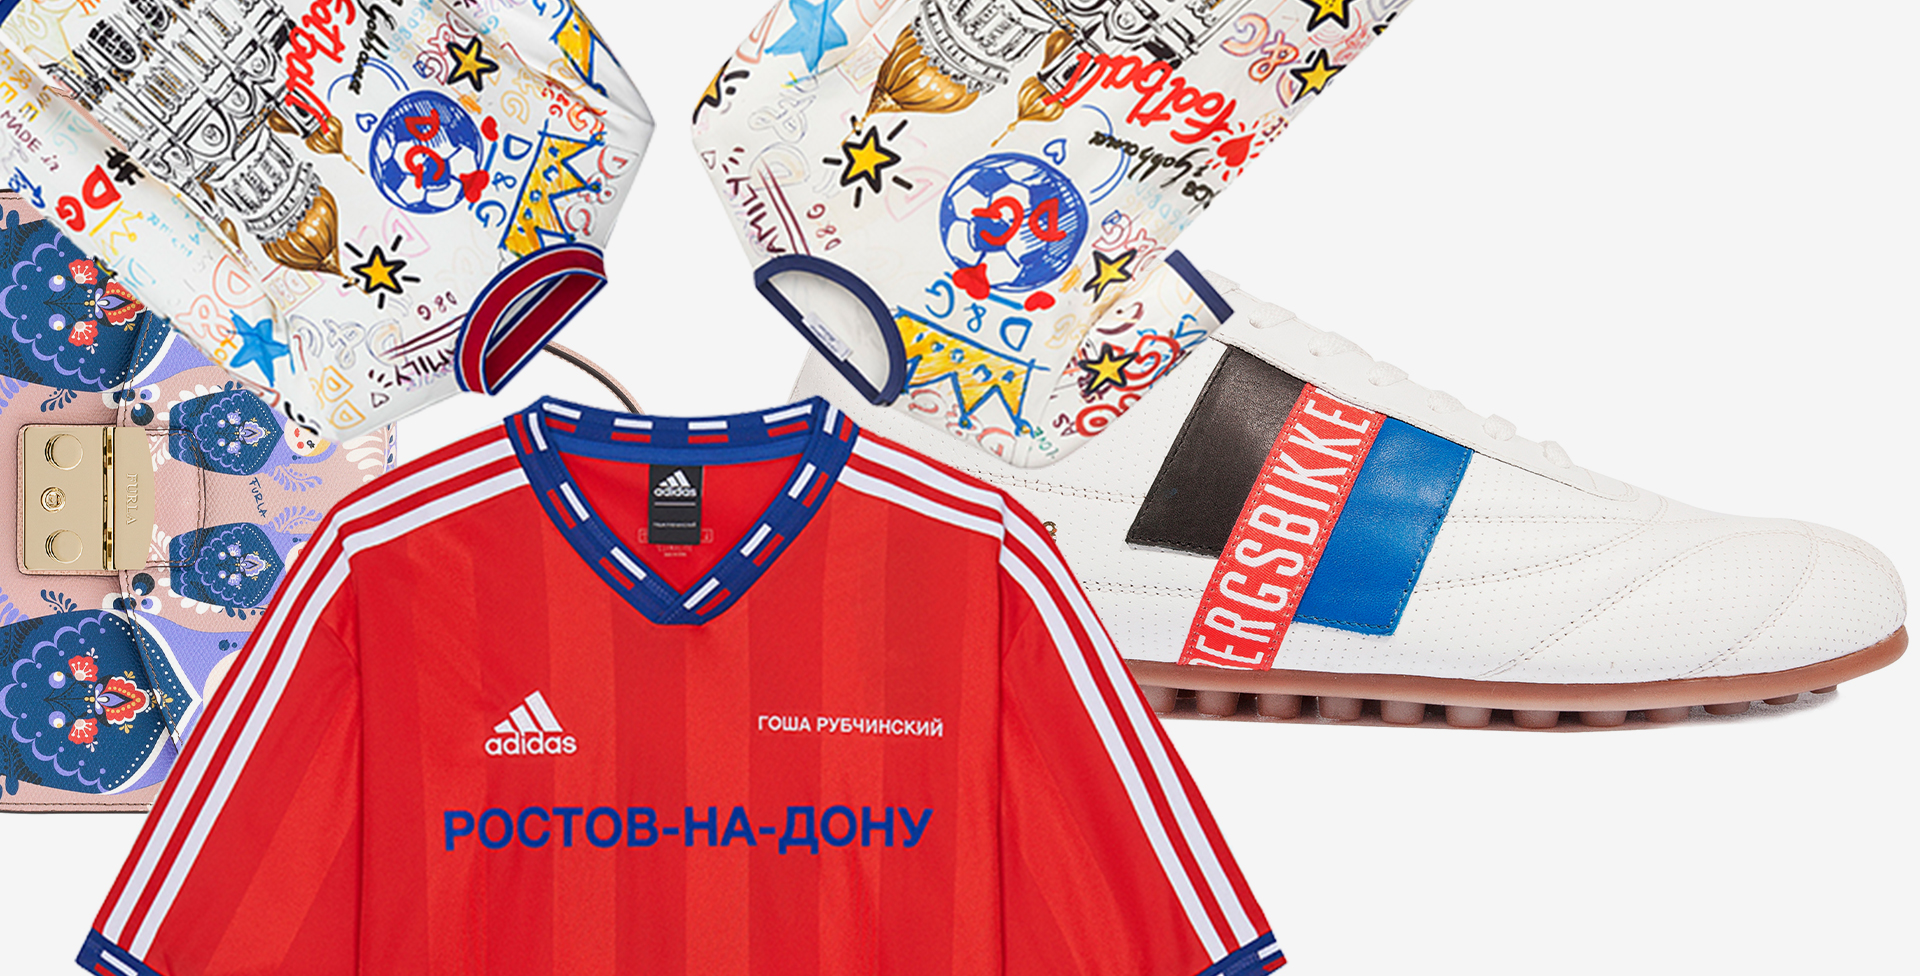 7a91edfaca26 Зачем модные бренды выпускают коллекции к чемпионату мира по футболу ::  Мода :: РБК Pink